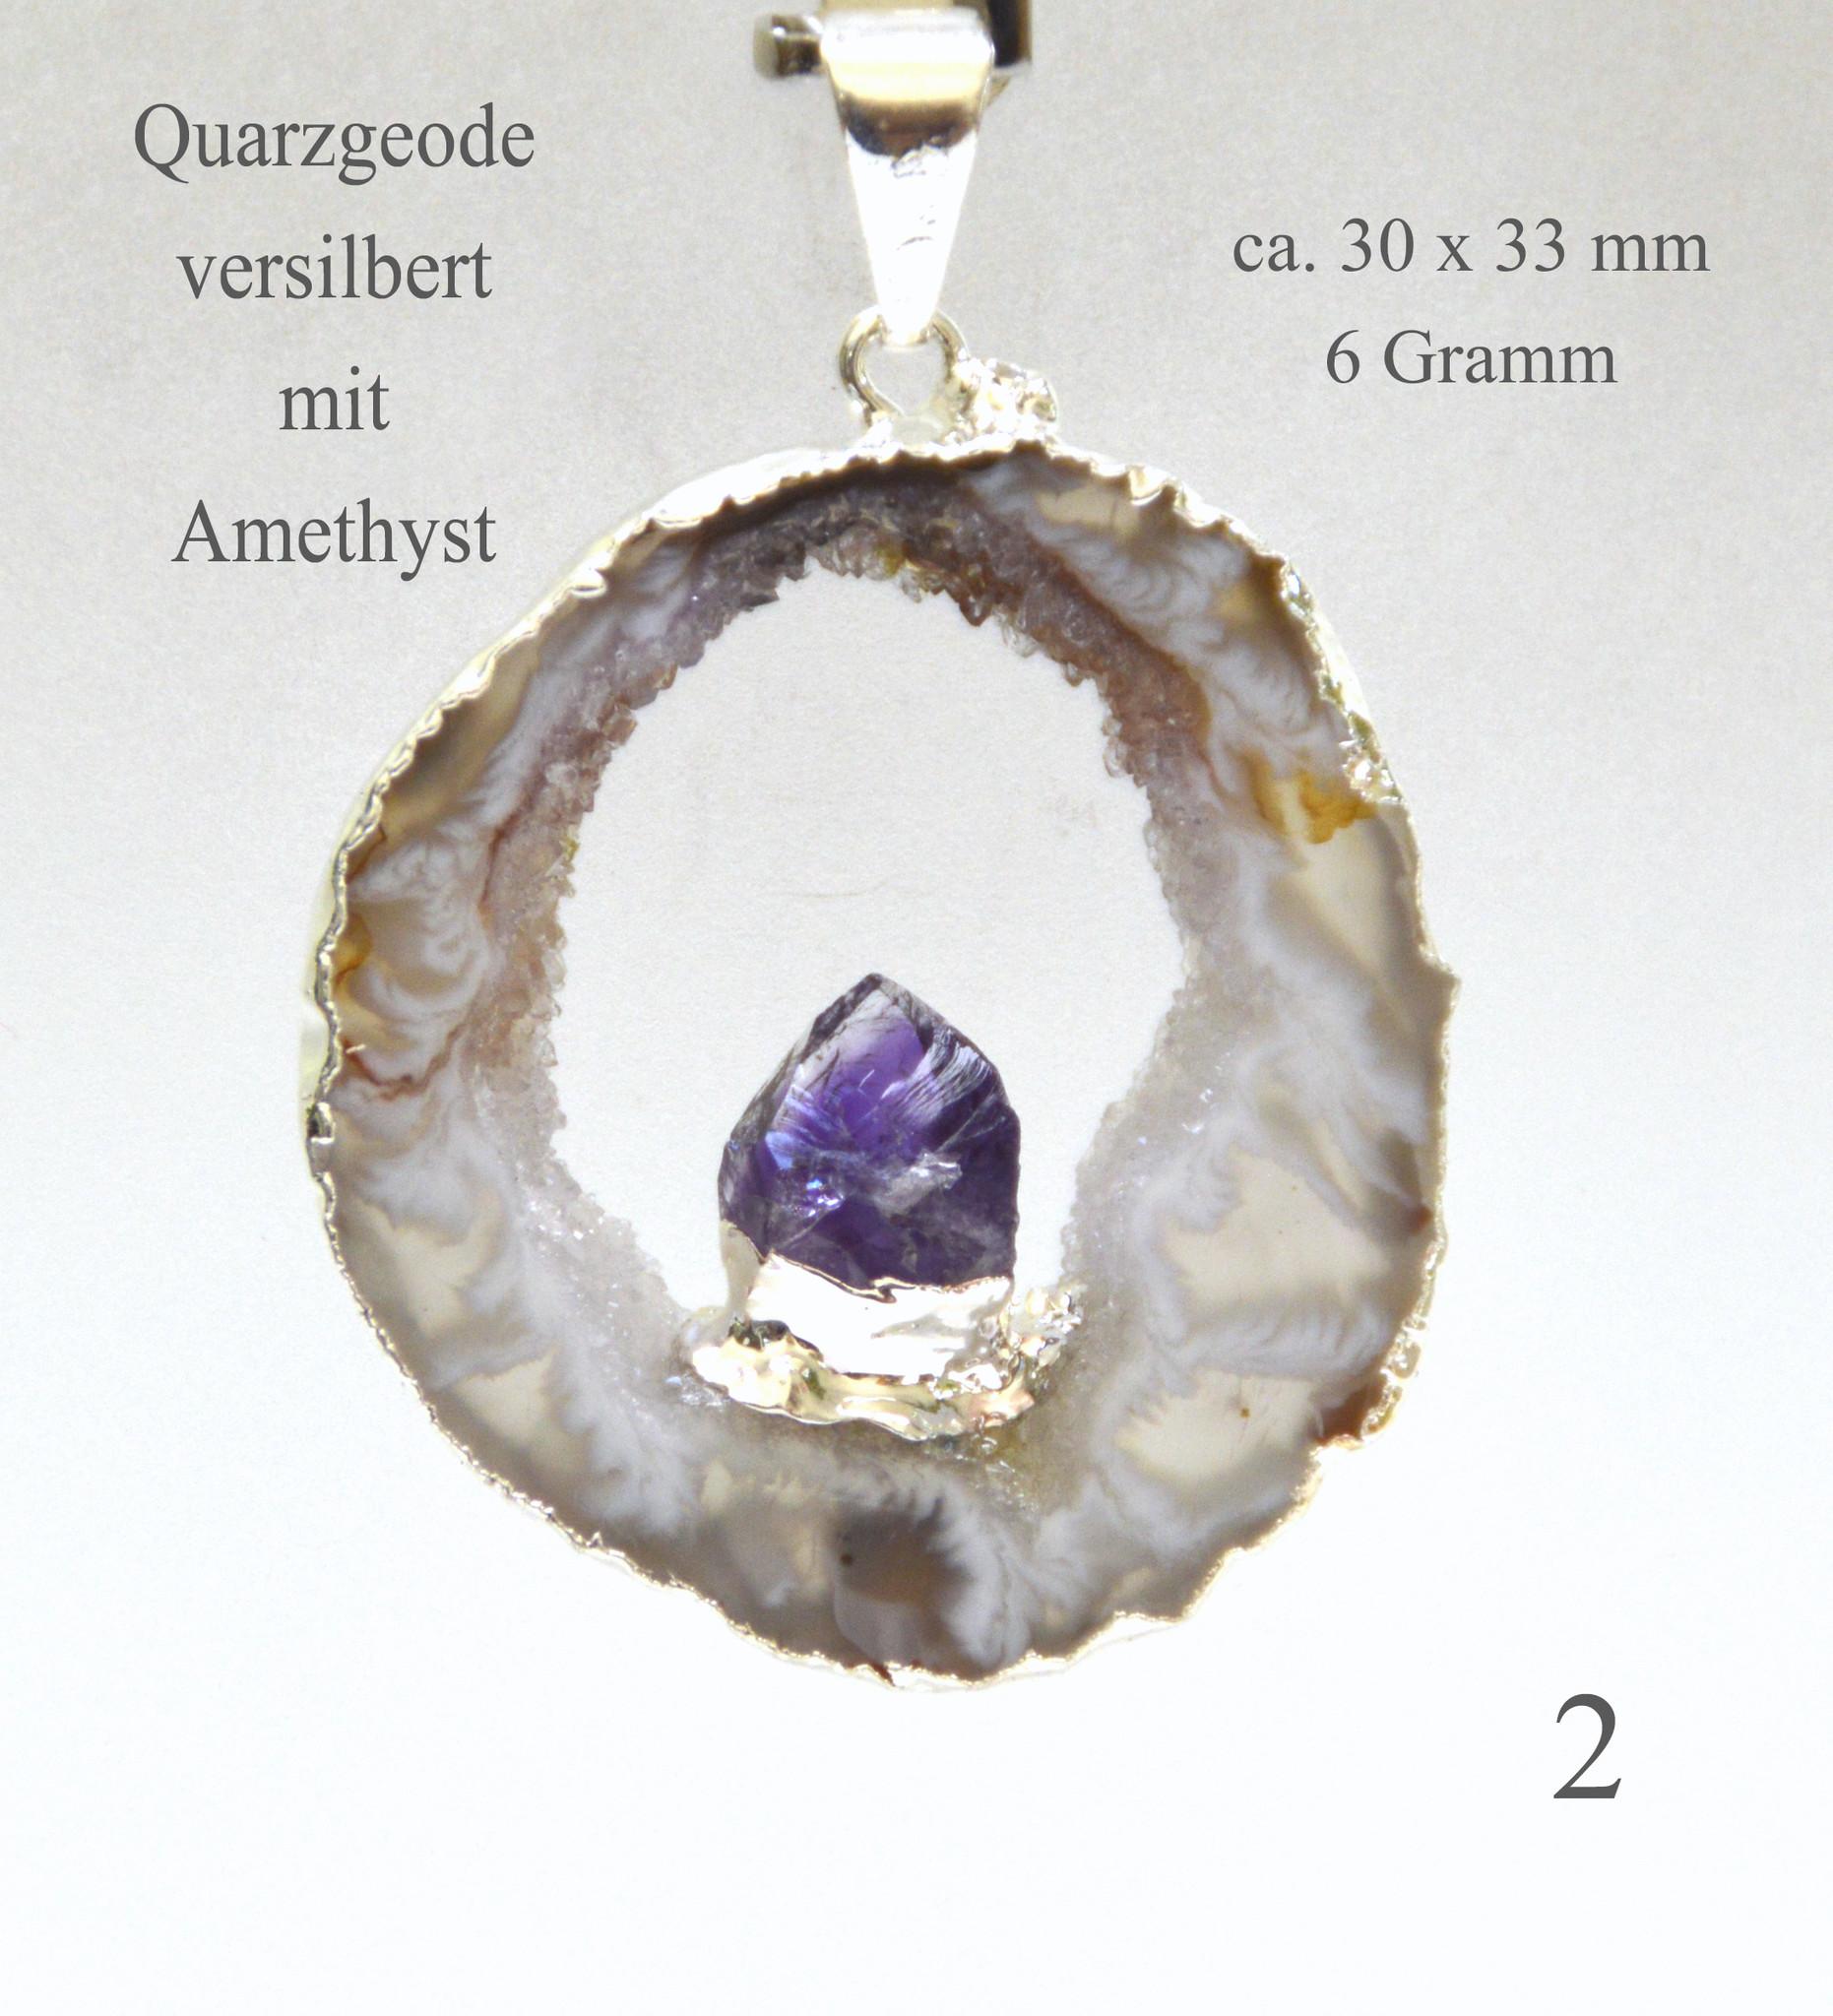 Achat Geode versilbert mit Amethyst